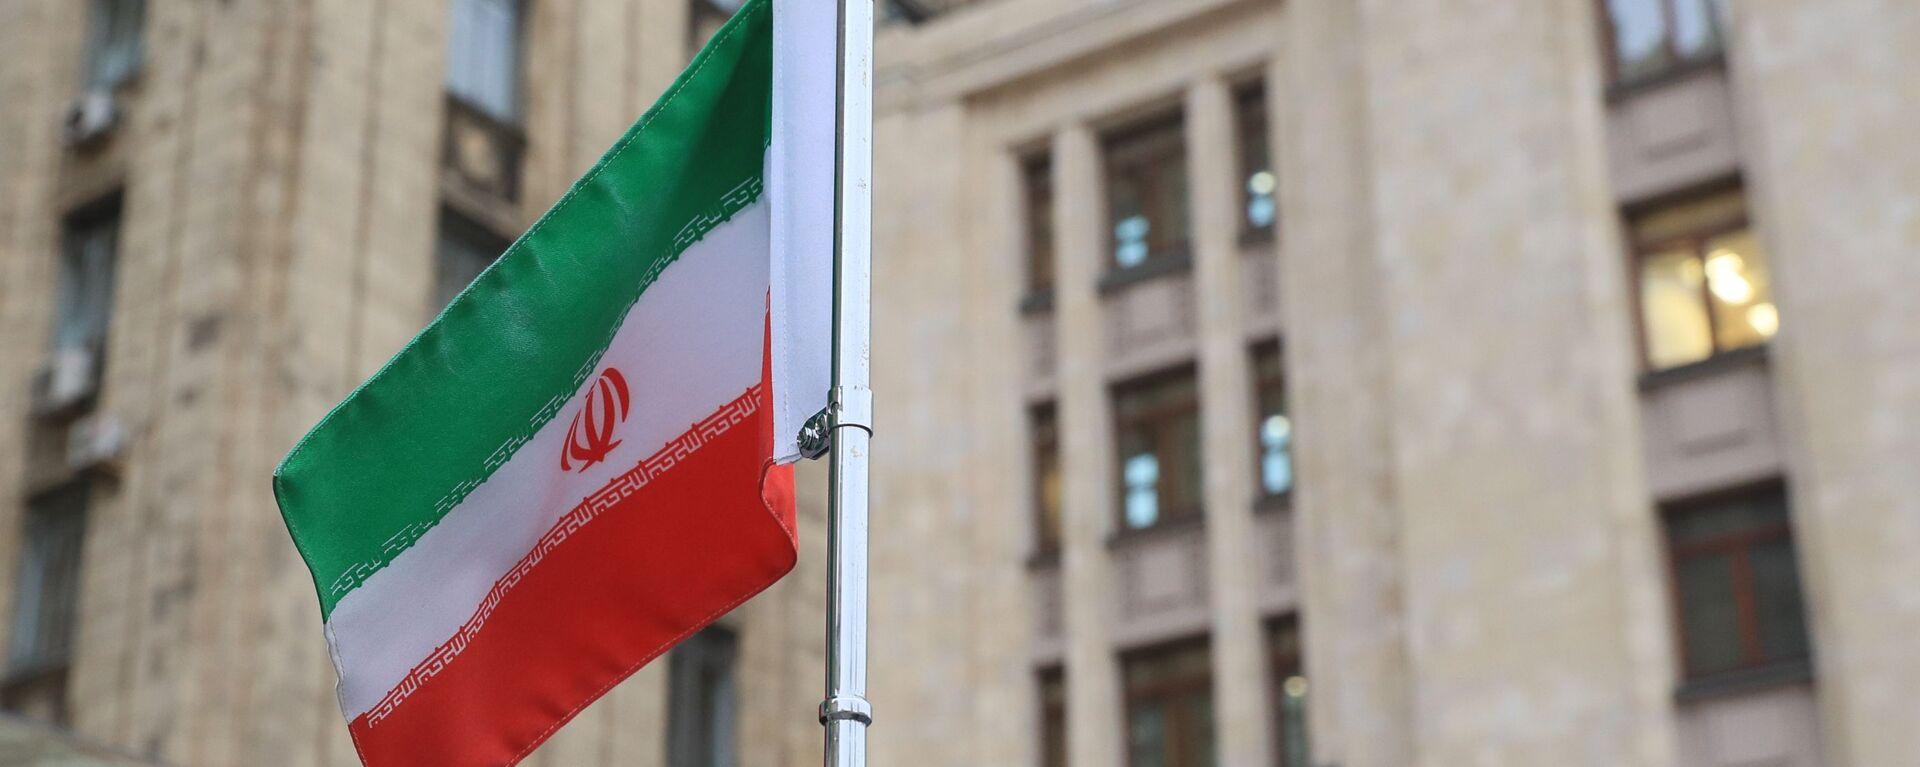 ირანის დროშა - Sputnik საქართველო, 1920, 12.08.2021